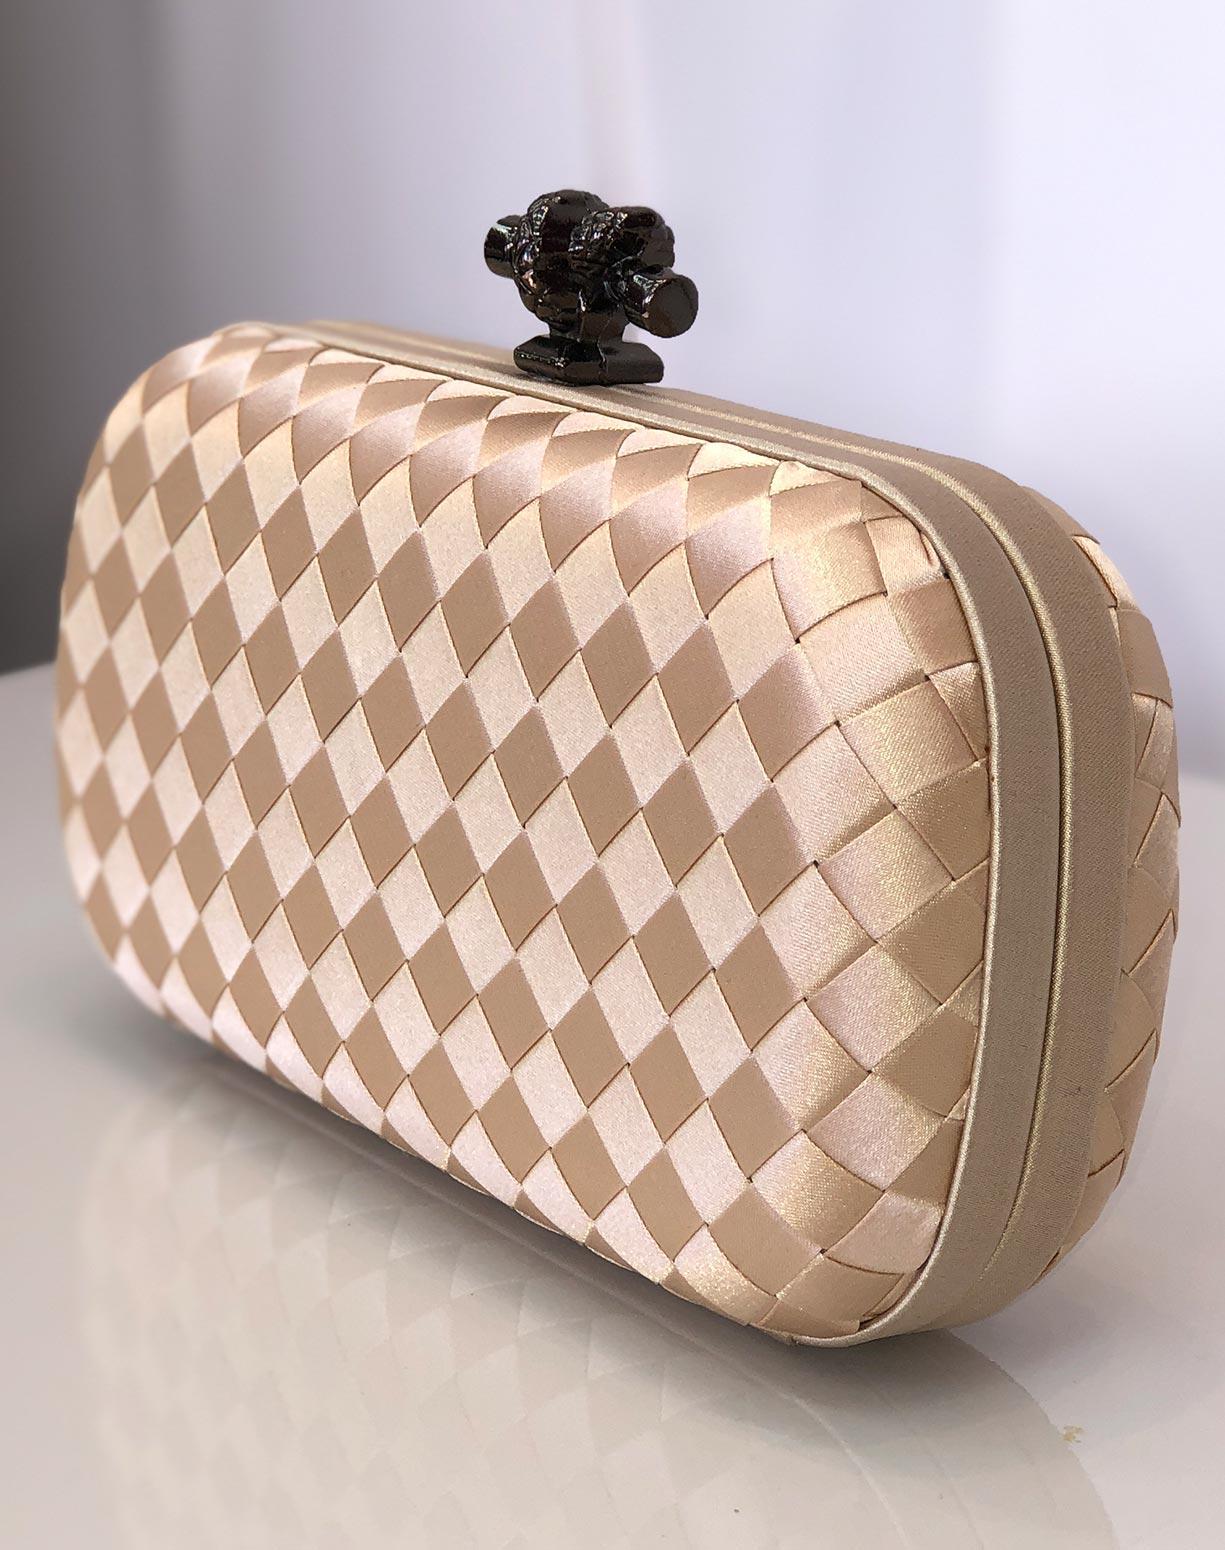 Clutch Bottega Venetta Inspiration Dourado